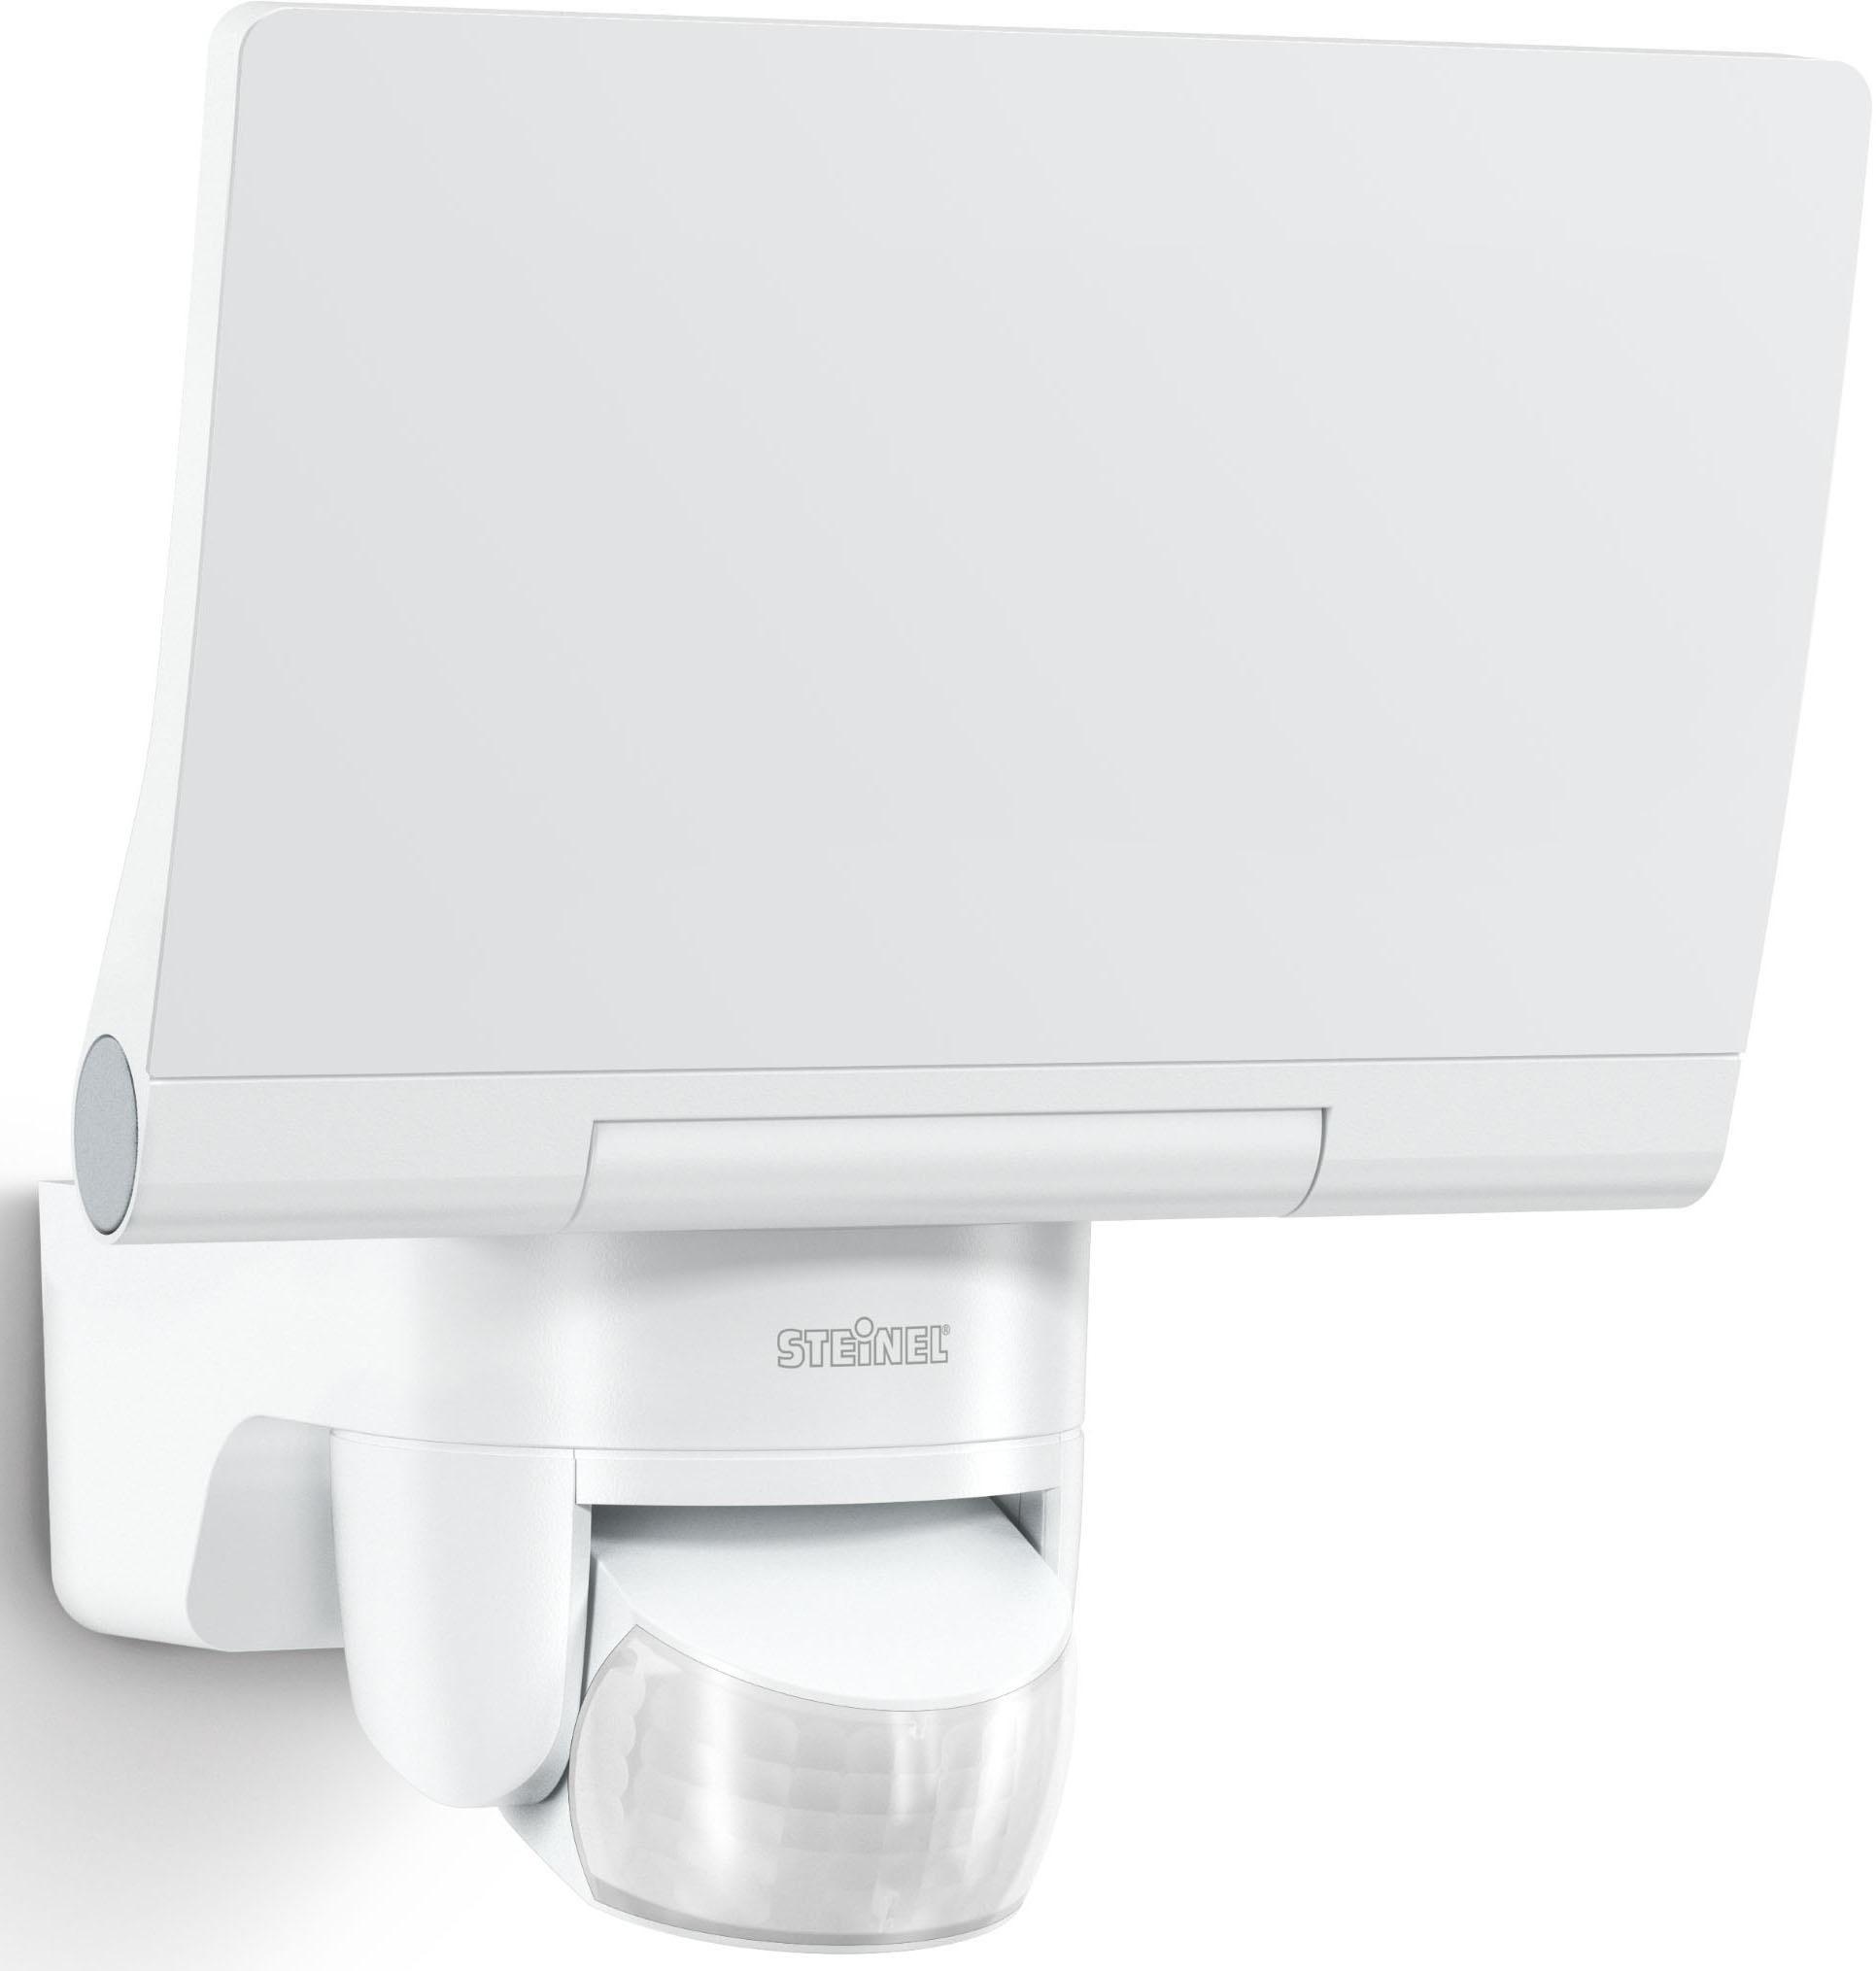 steinel LED Außen-Wandleuchte XLED home 2 Connect SC, LED-Board, Warmweiß, 180° Bewegungsmelder, über Bluetooth vernetzbar, Smart Home